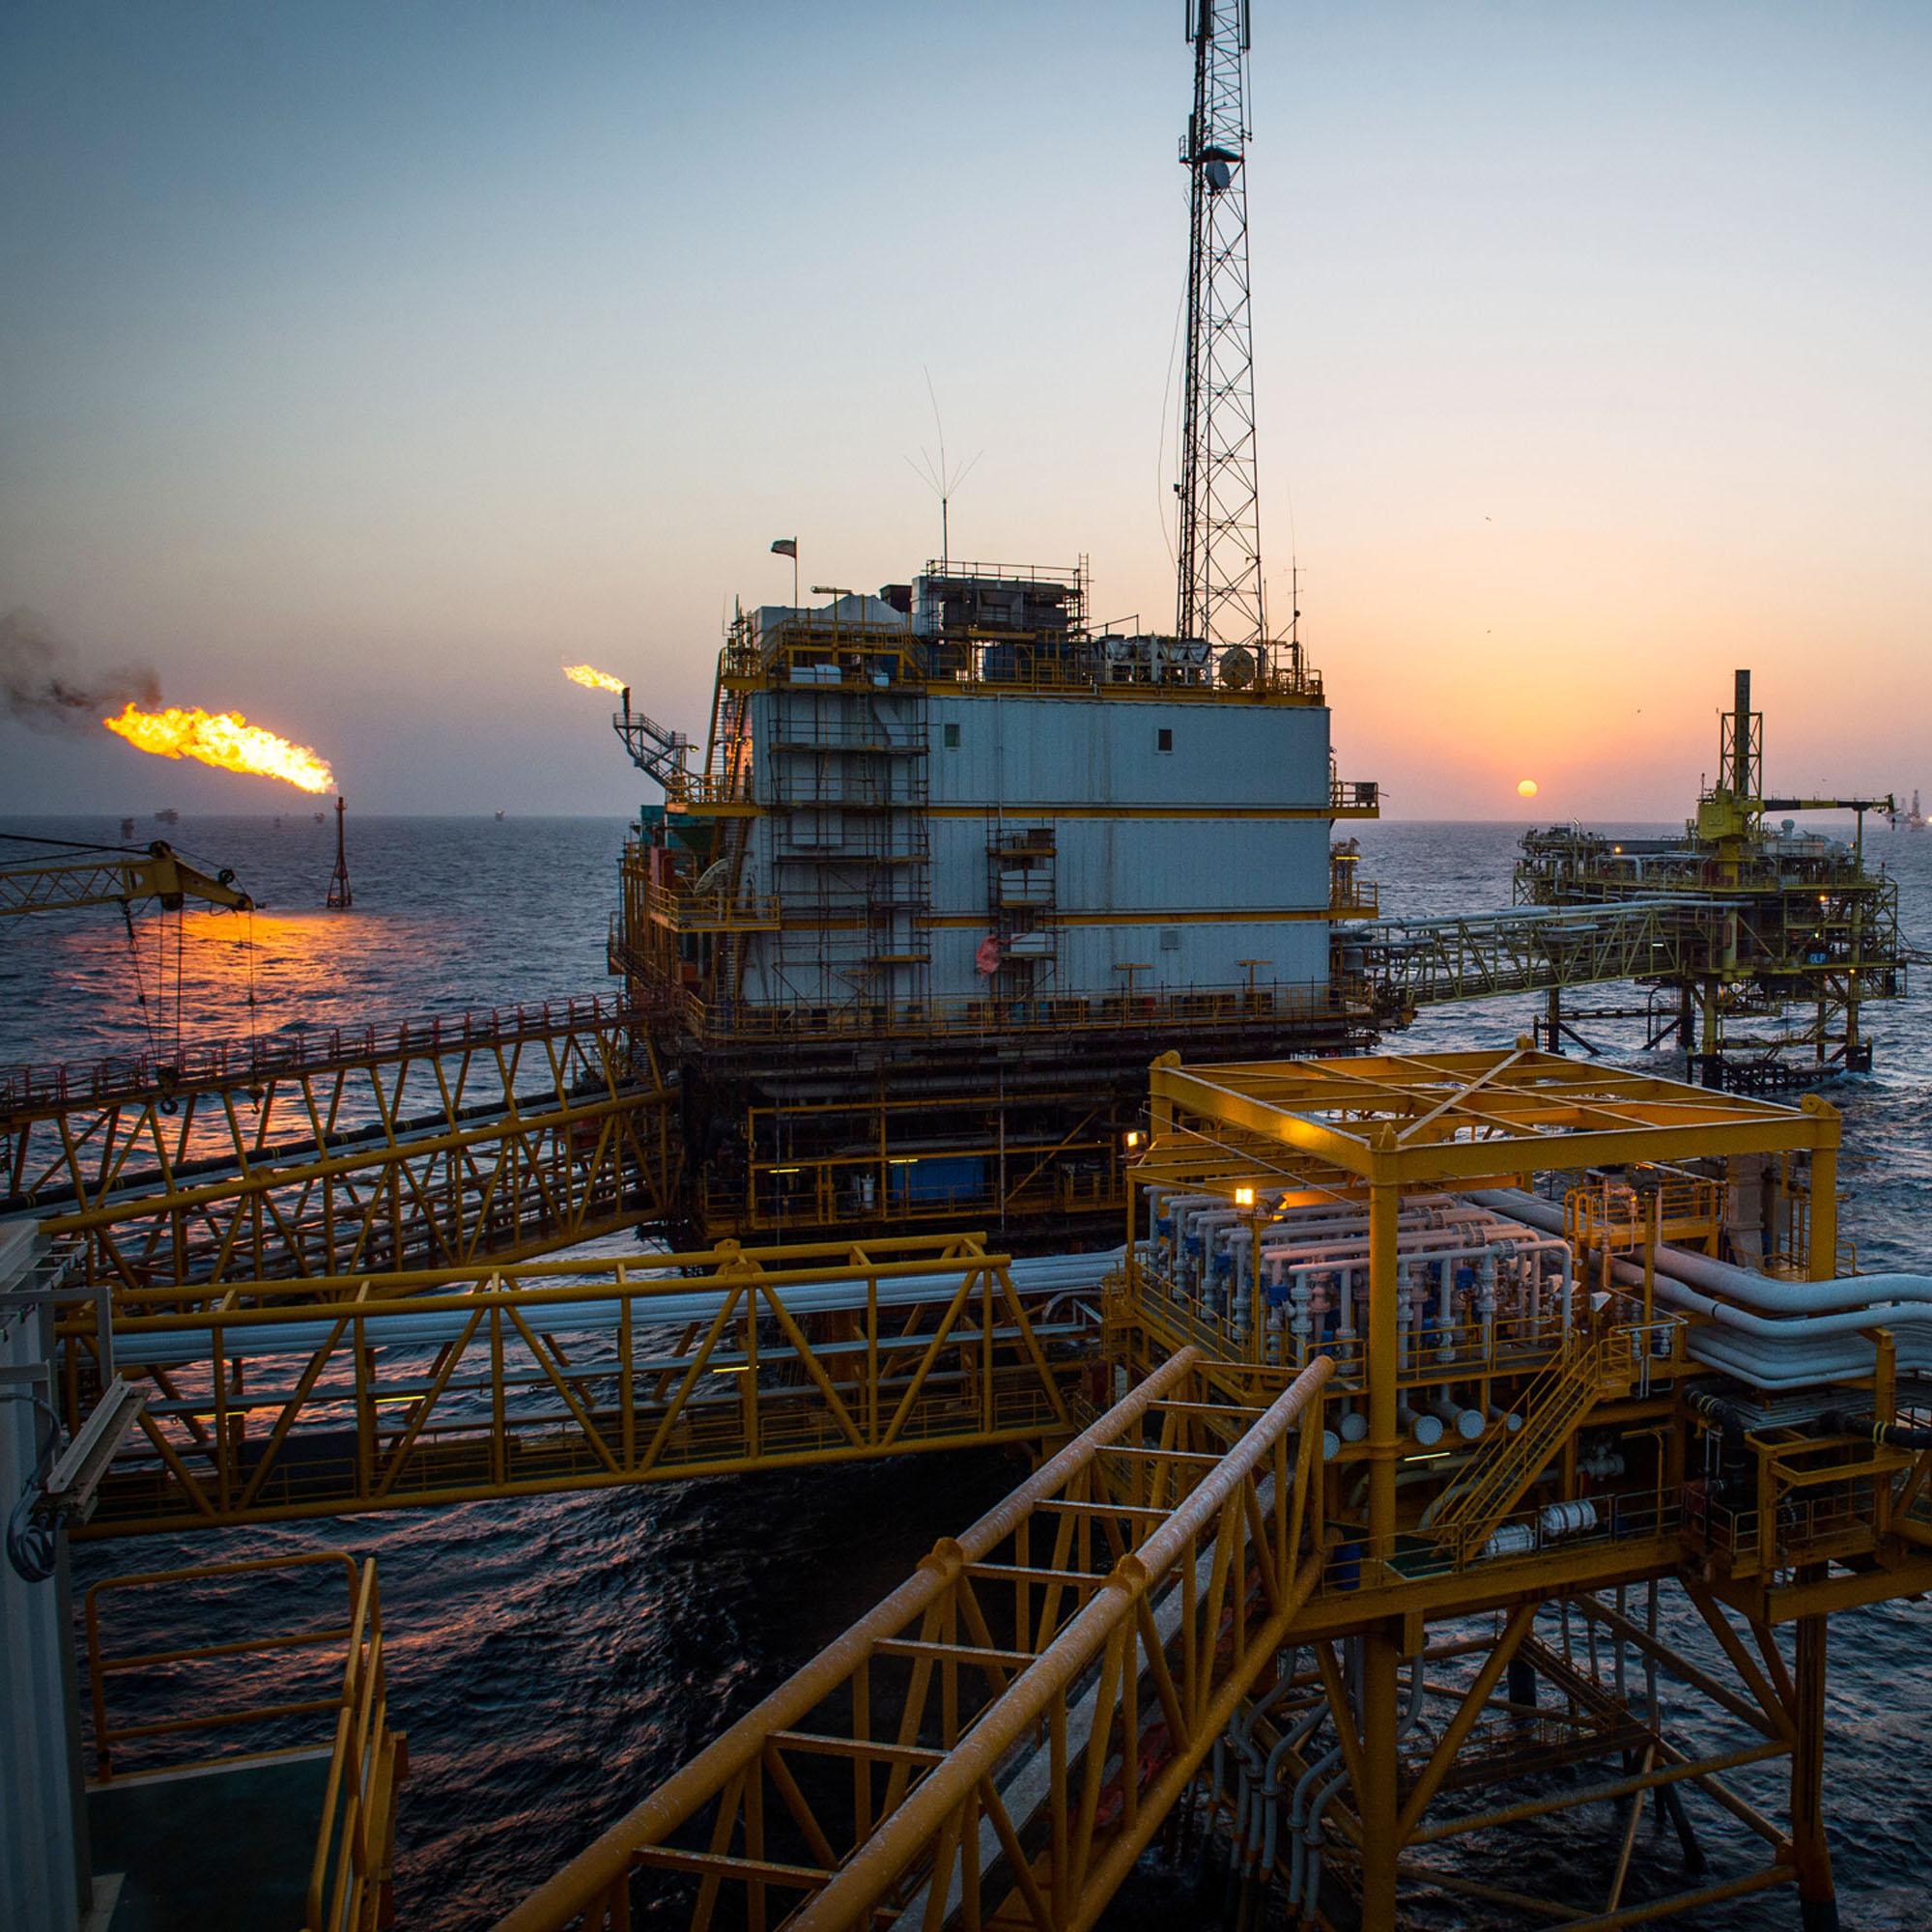 Iran's Salman Oil Field Ahead Of U.S. Sanctions